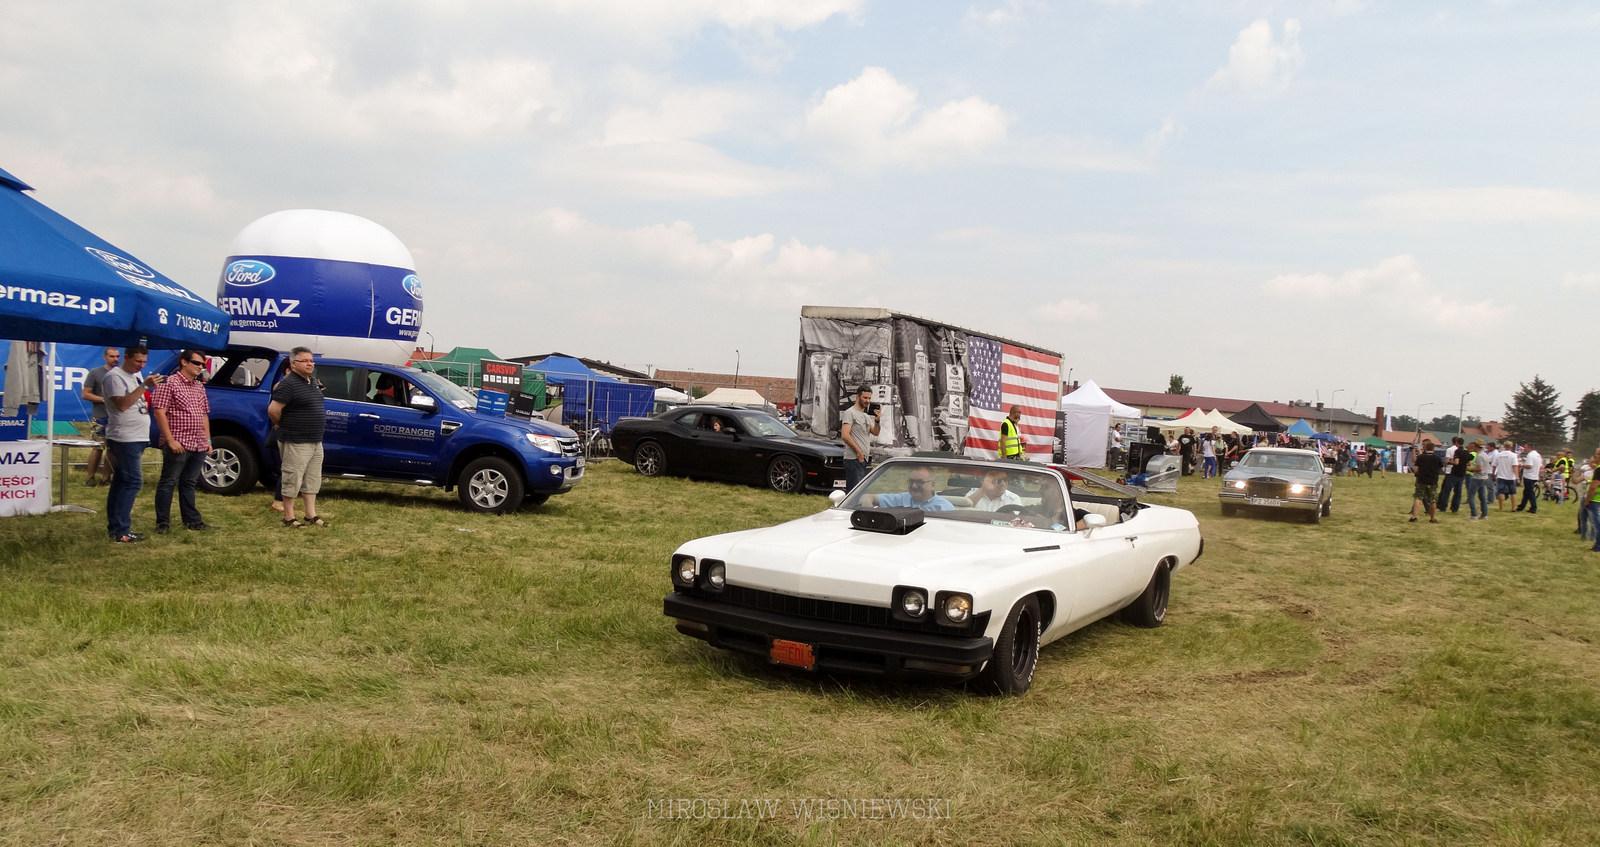 American Cars Mania 2015 Oleśnica, Foto Mirosław Wiśniewski